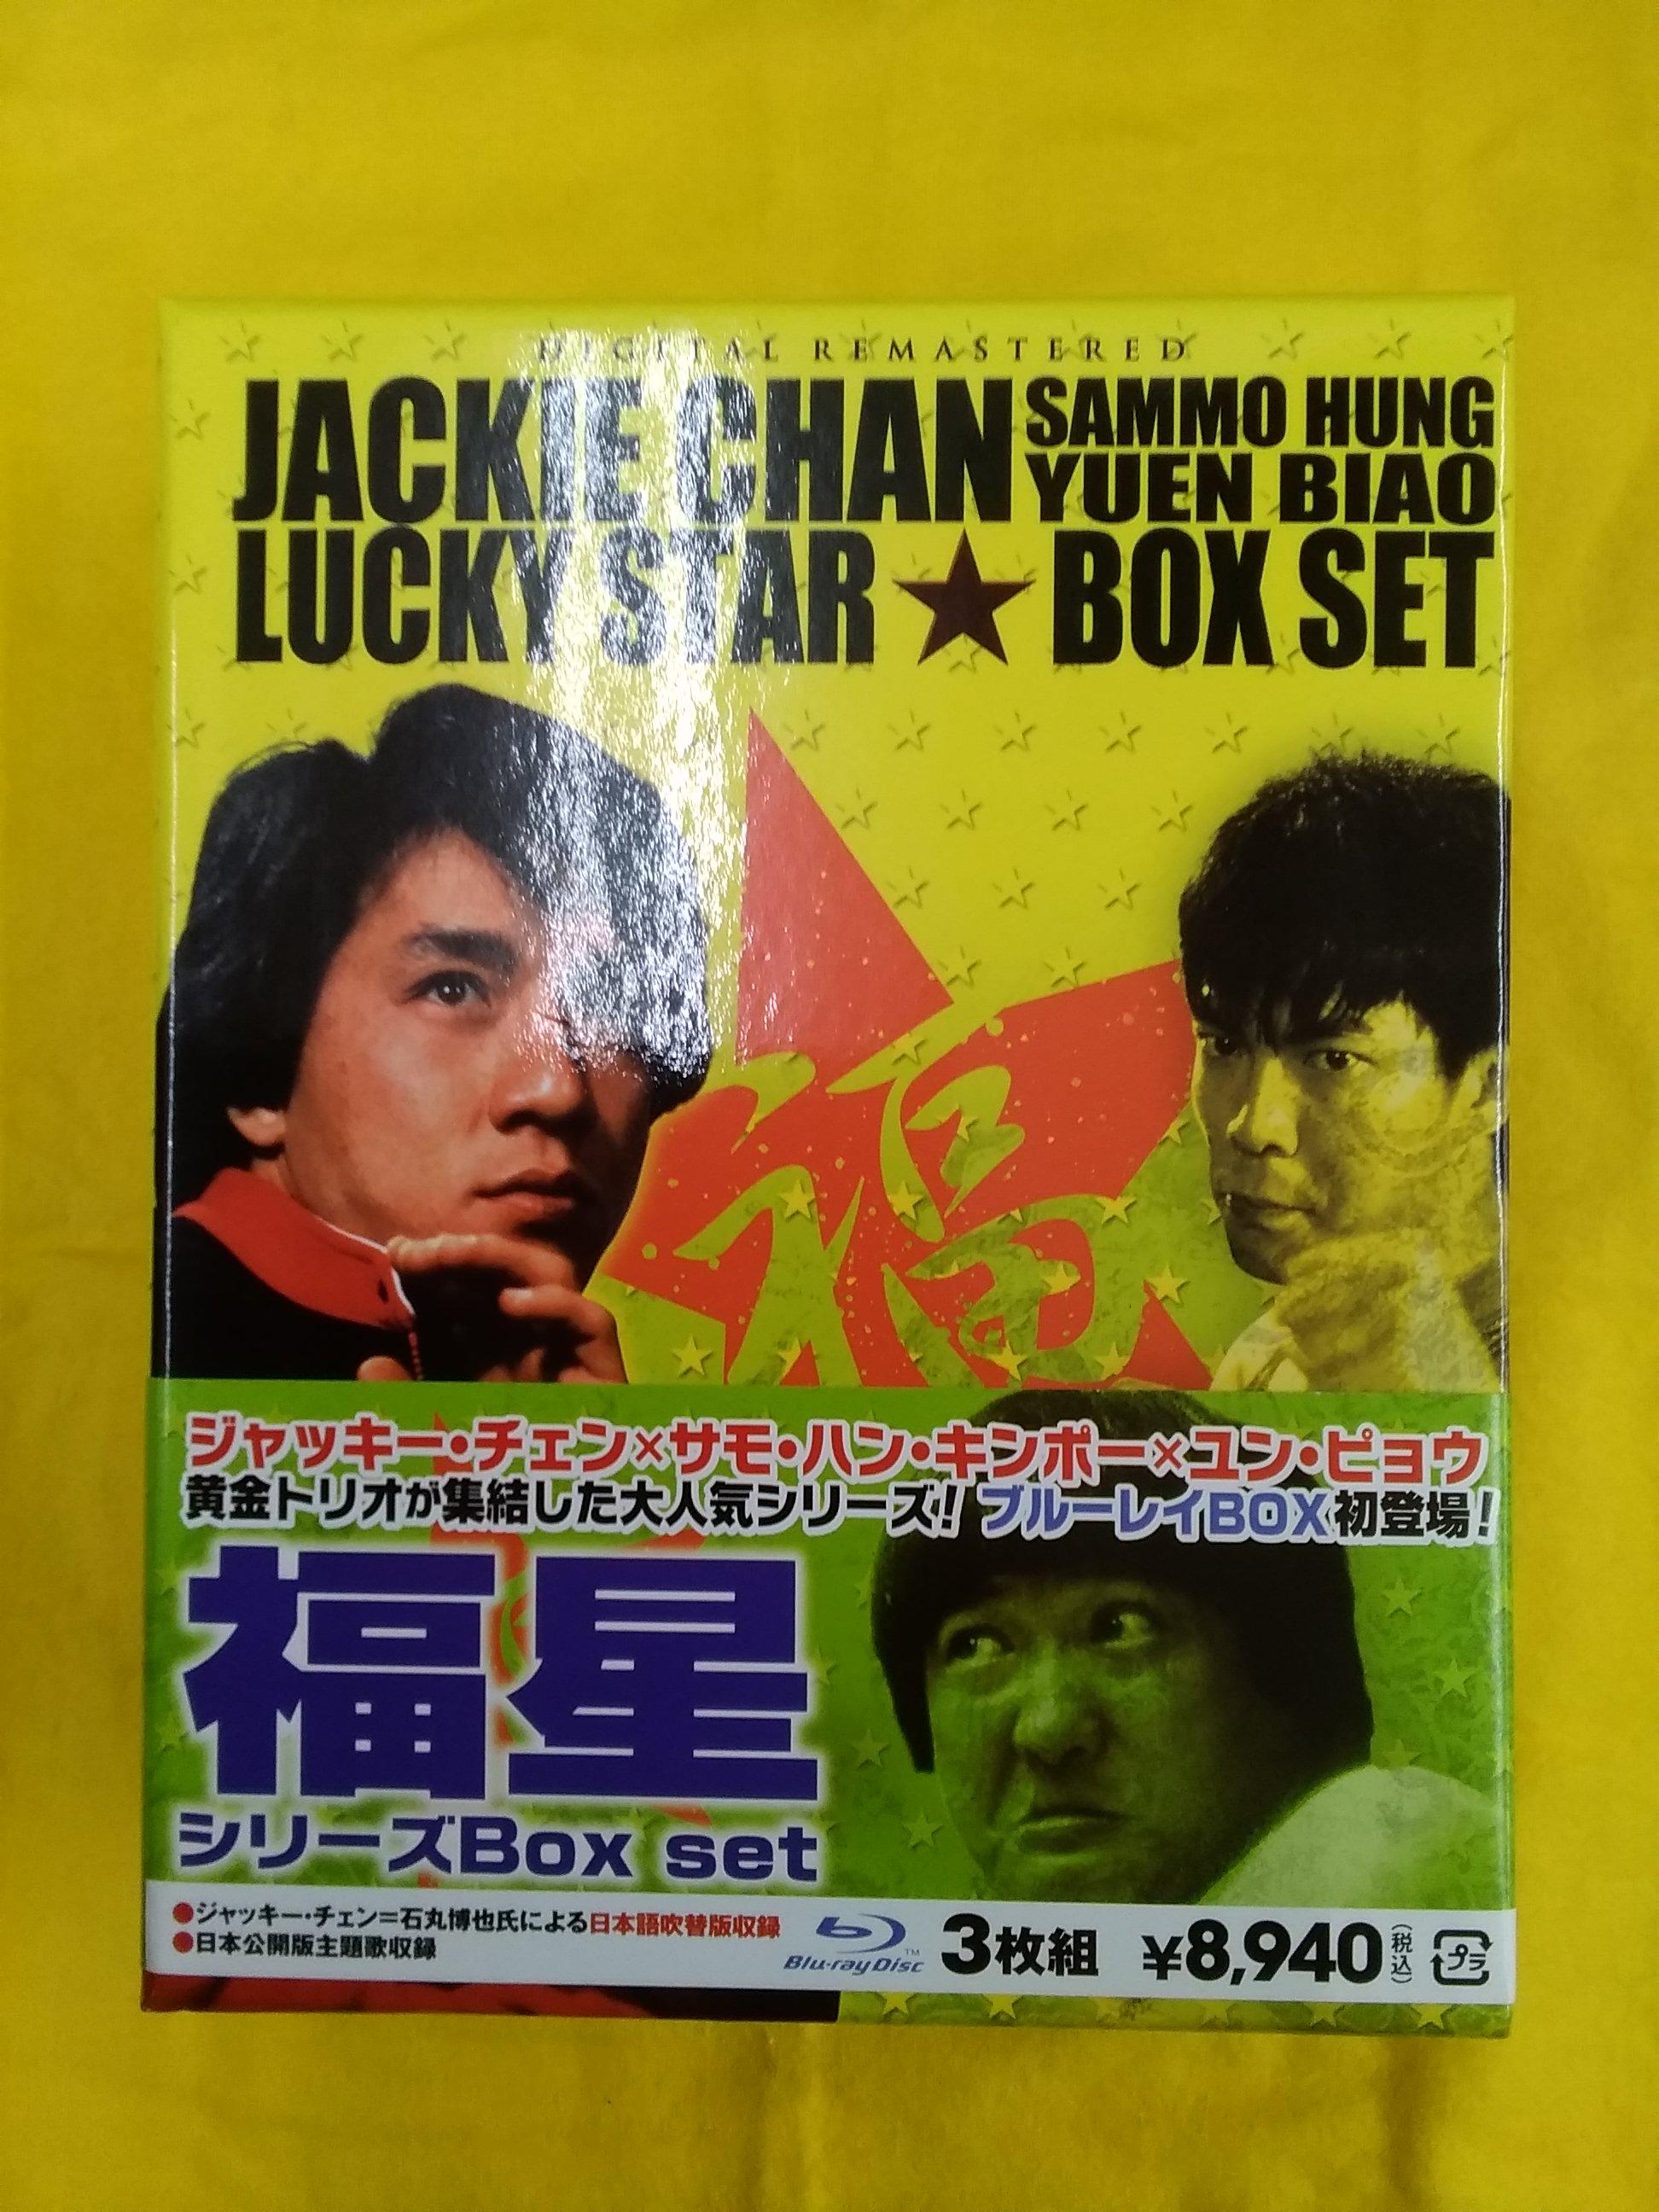 福星シリーズBOX SET|パラマウントジャパン株式会社